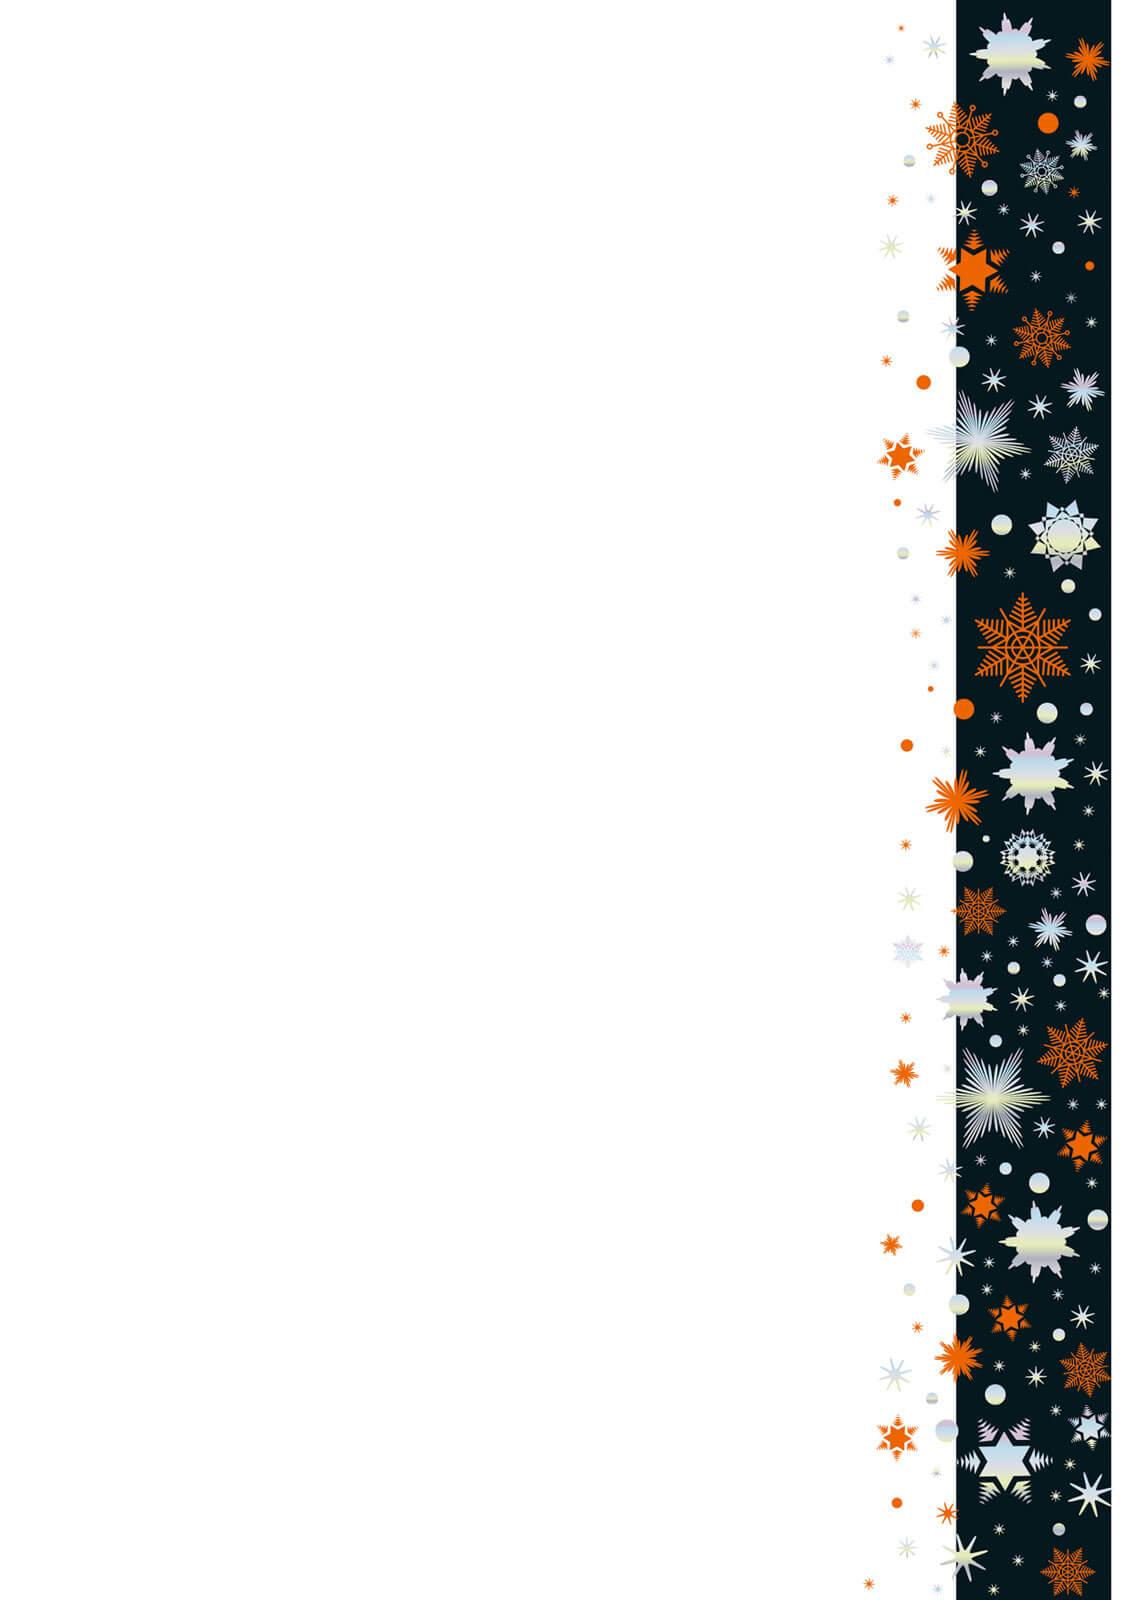 Weihnachtsbrief Avantgarde 1318224